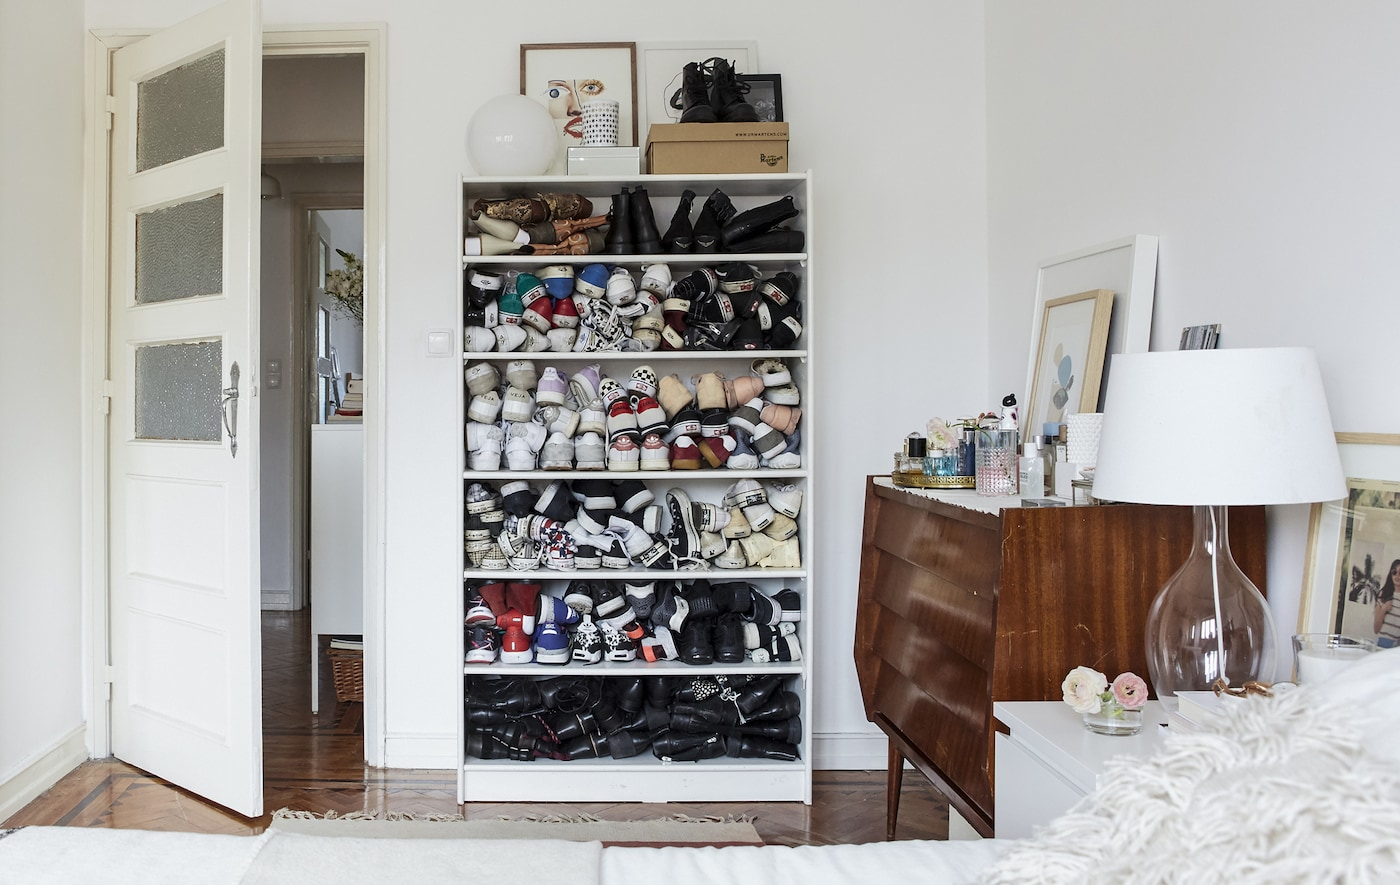 Chambre à coucher blanche avec parquet et chaussures empilées dans une bibliothèque.